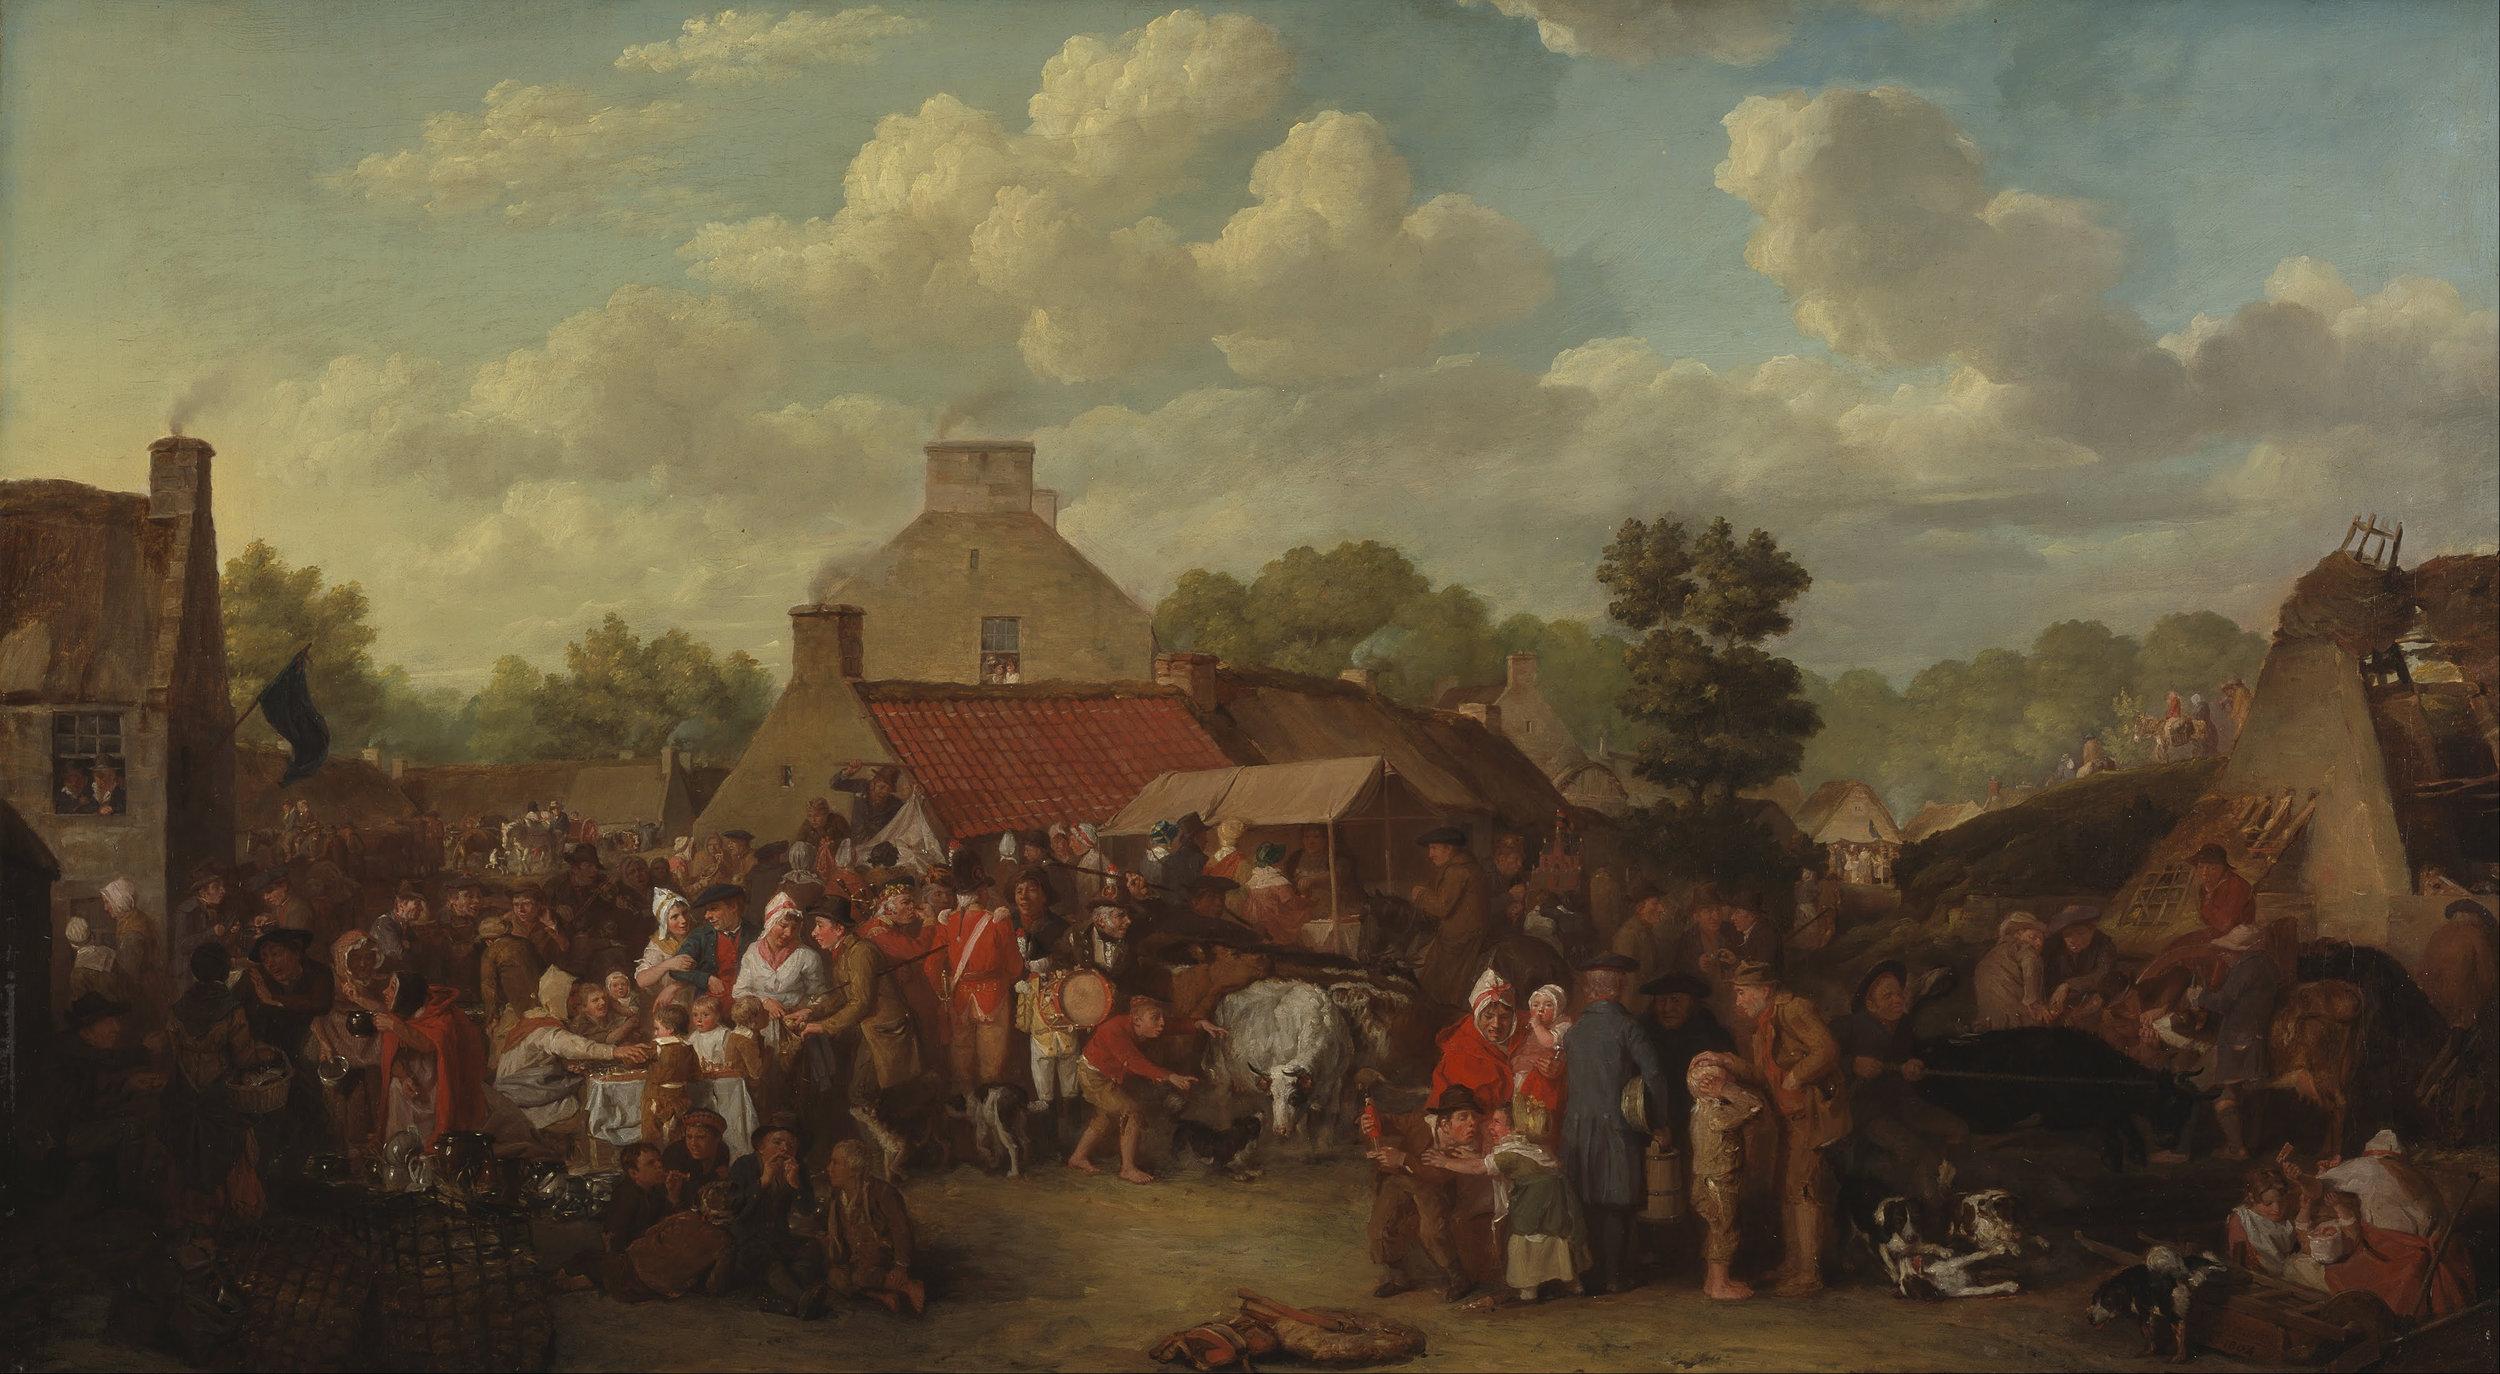 Sir David Wilkie,Pitlessie Fair